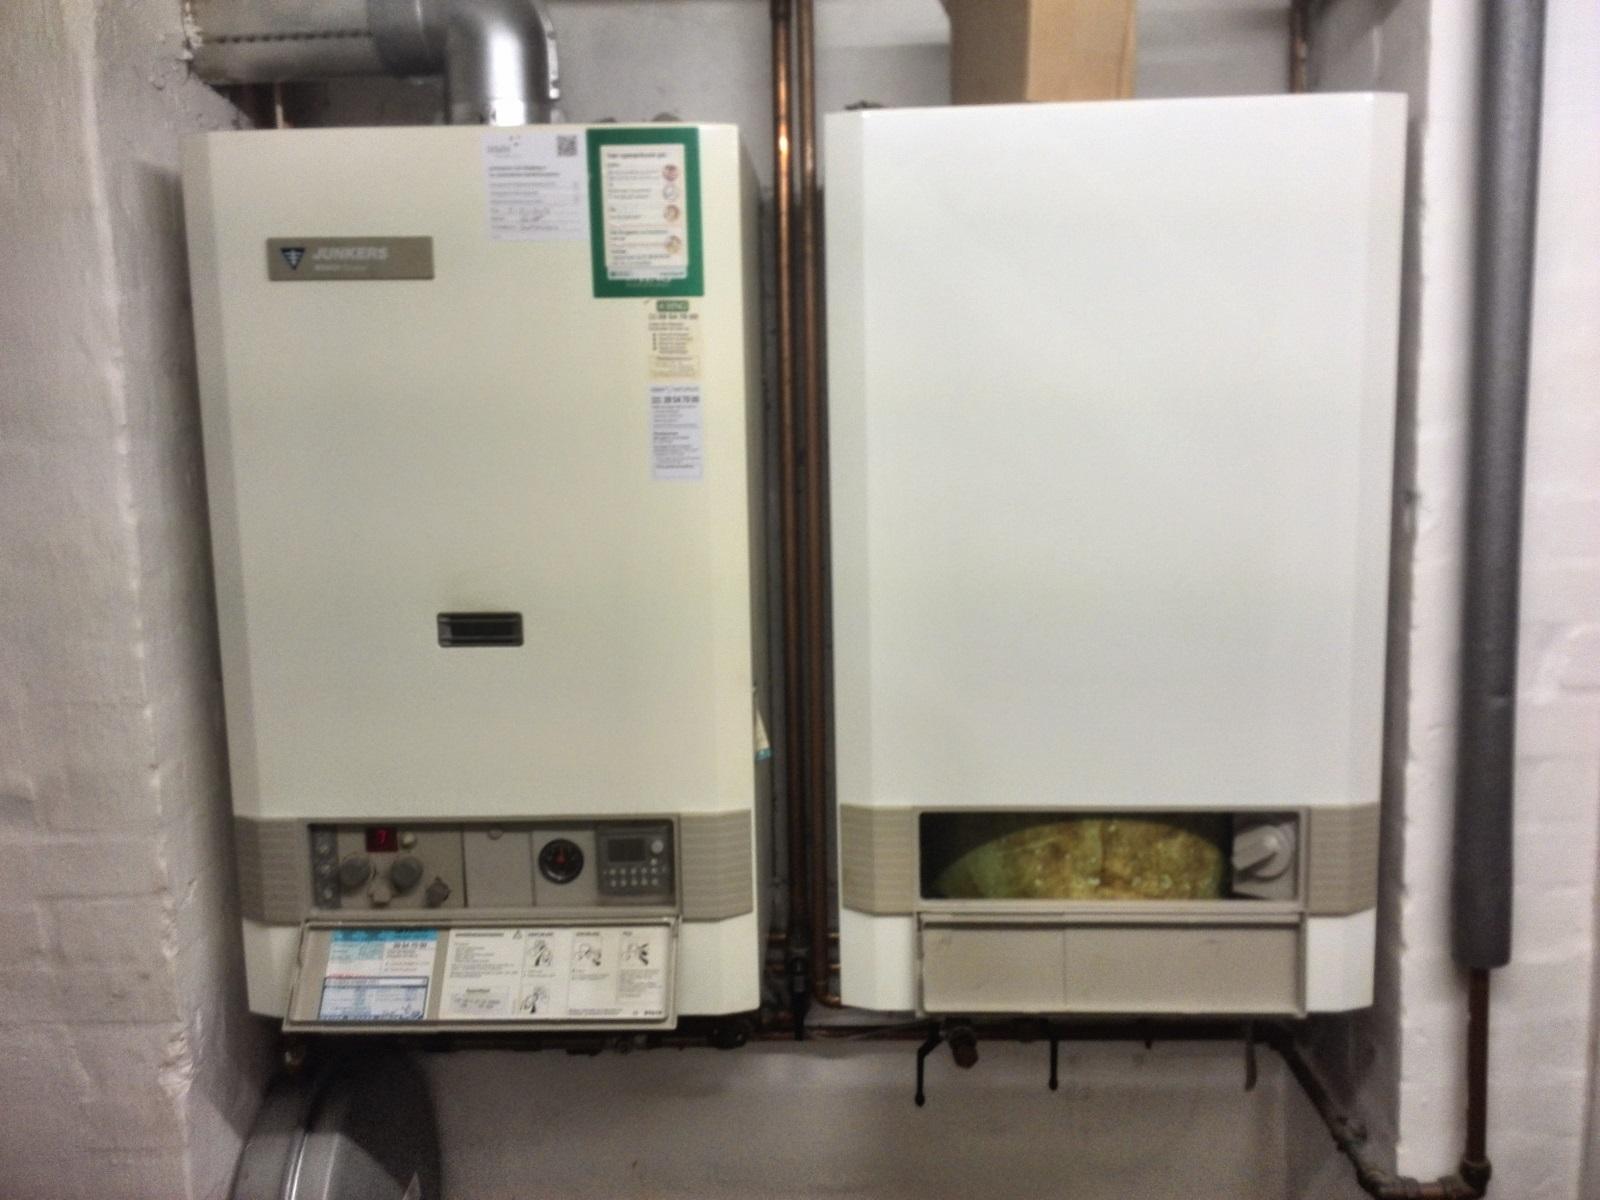 Mit gasfyr drypper (vandbeholderens sikkerhedsventil?)